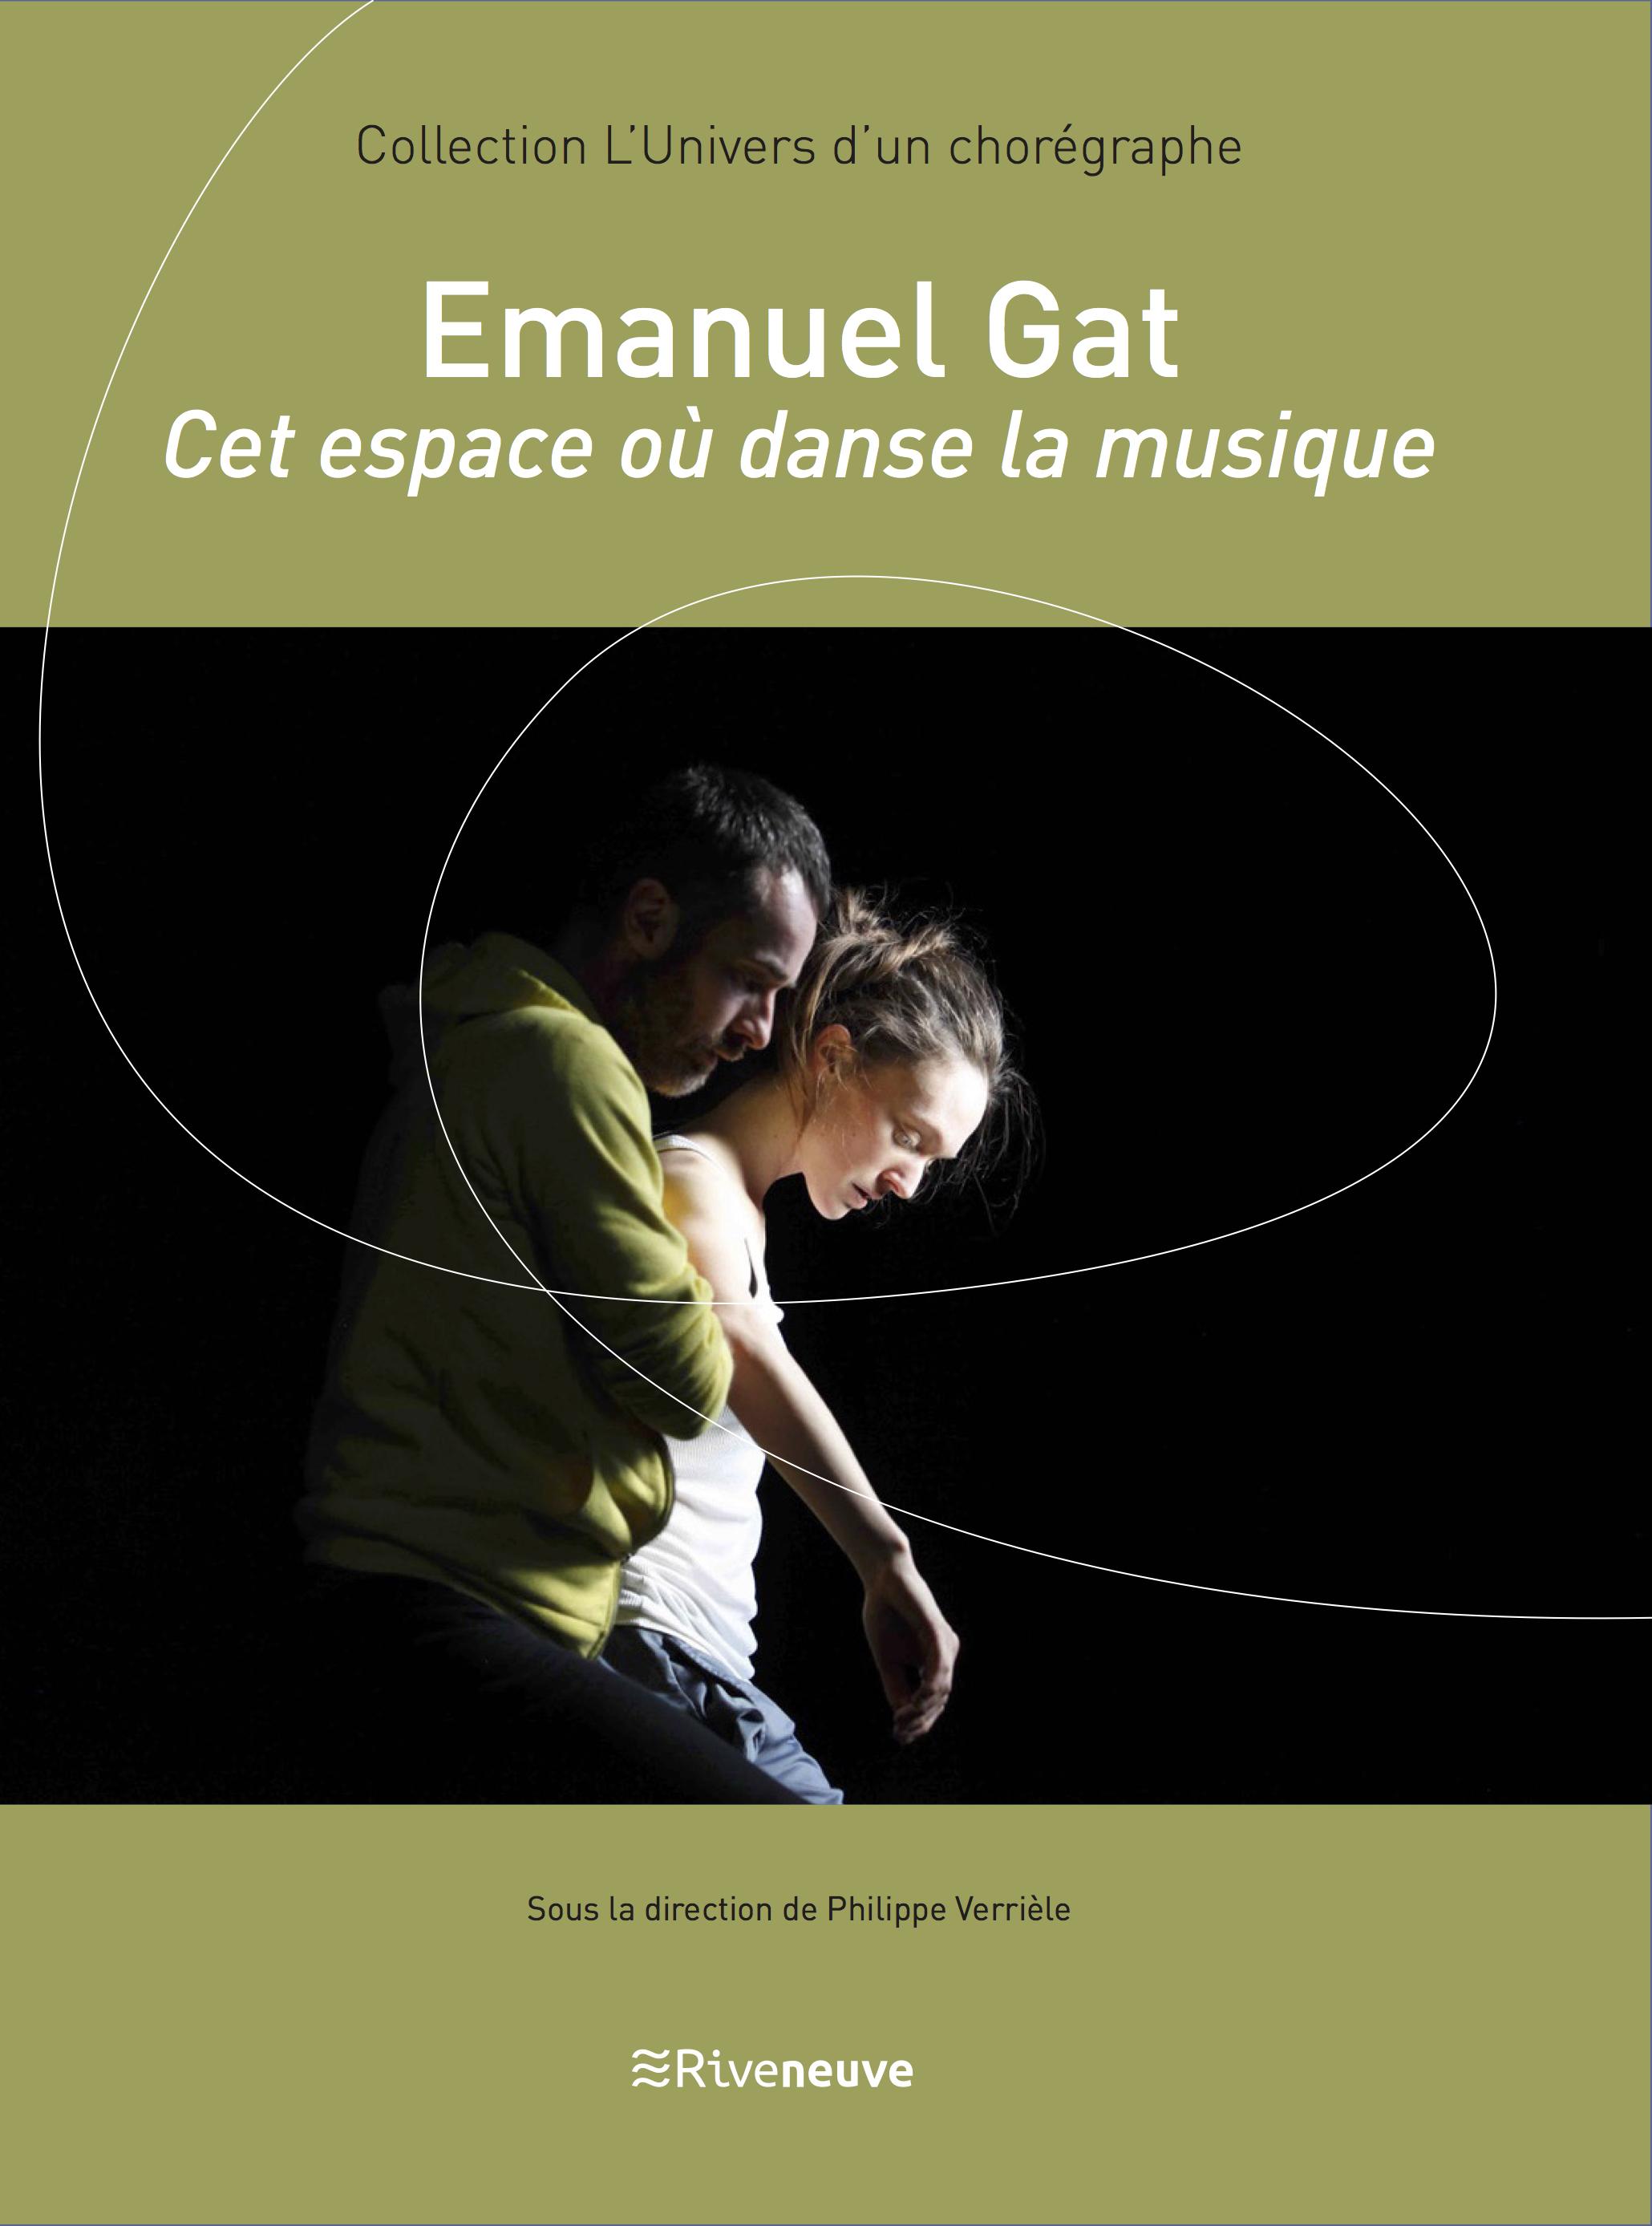 Emanuel Gat. Cet espace où danse la musique